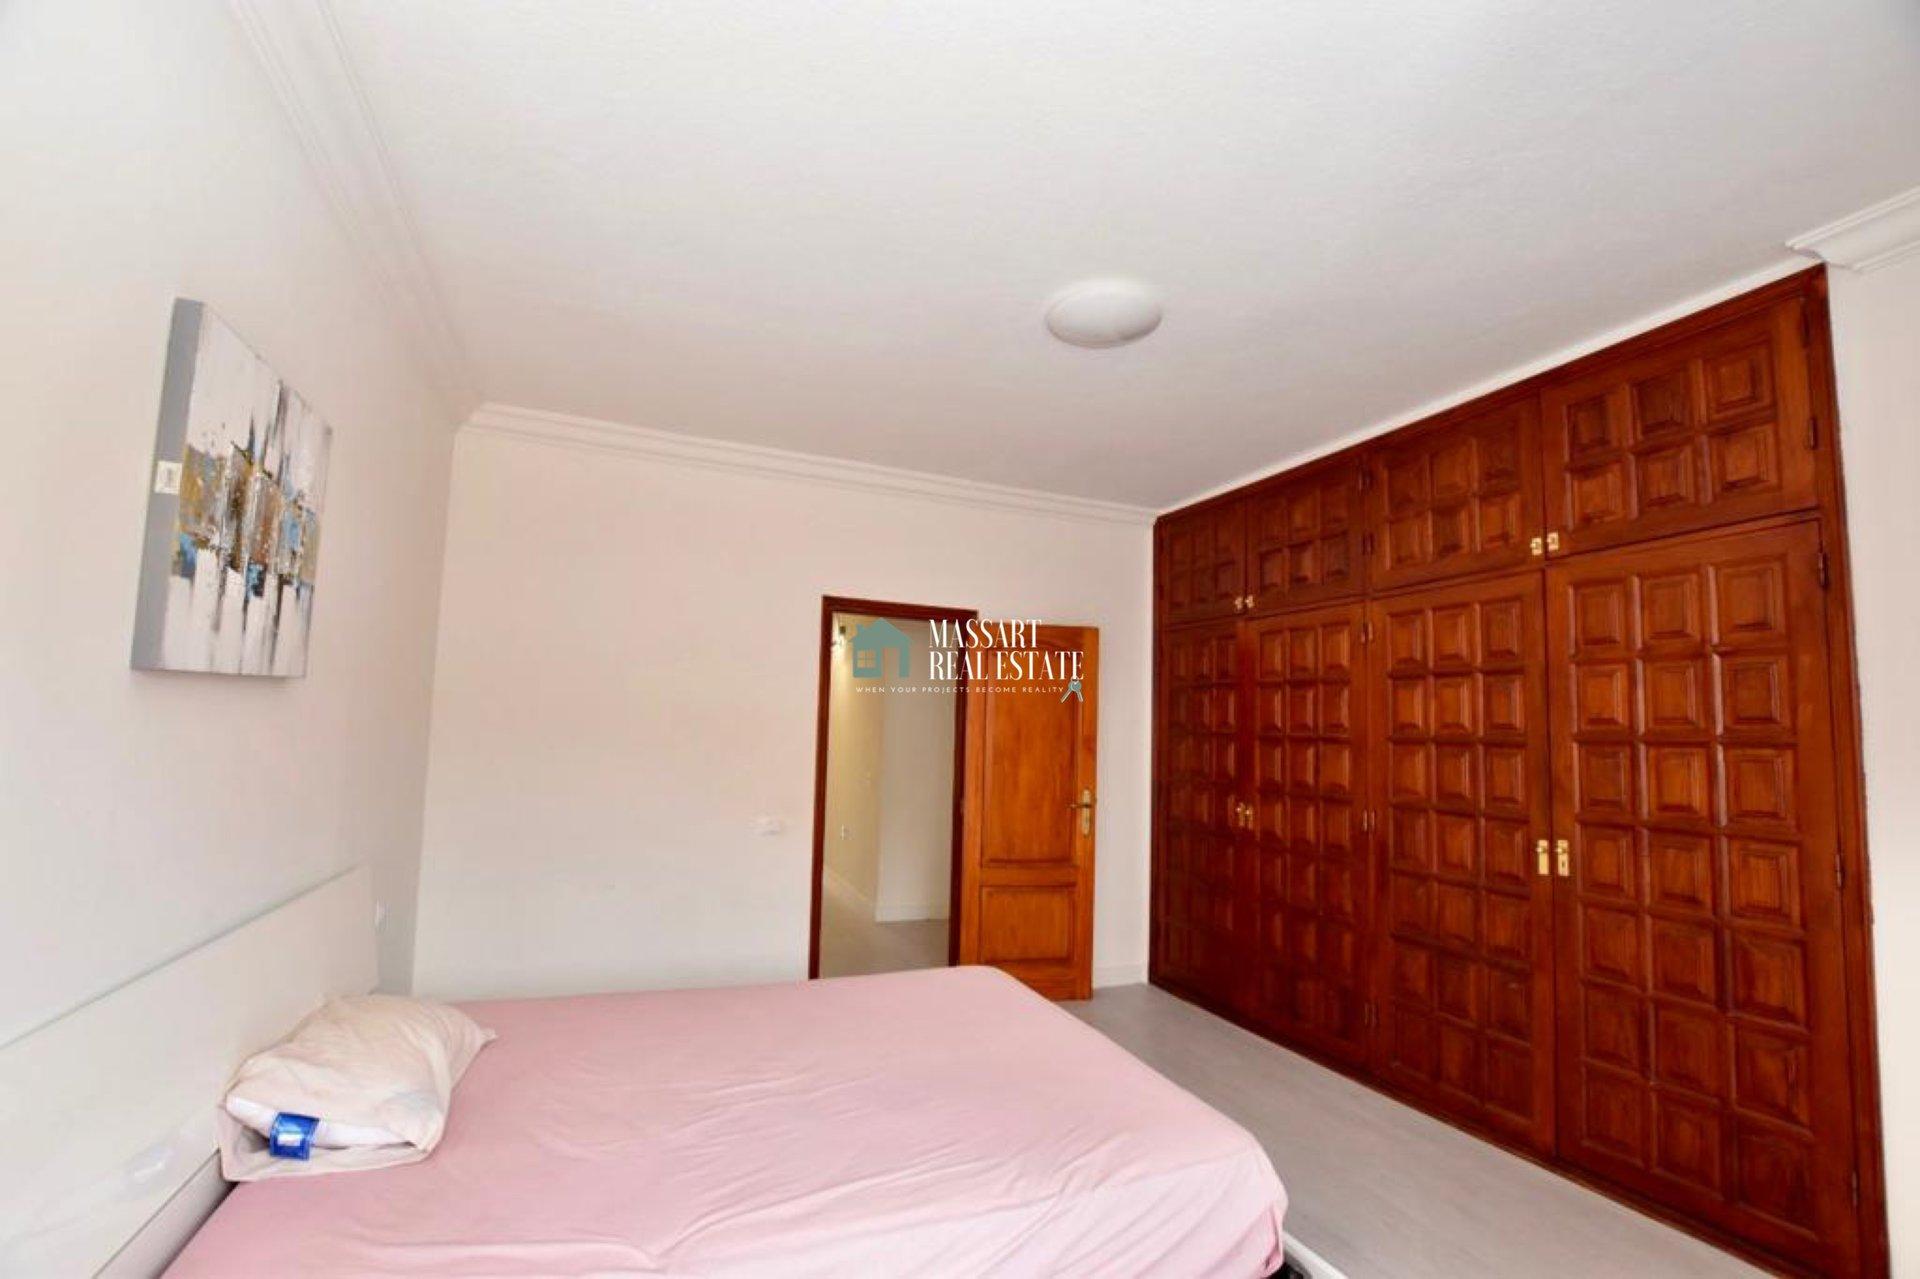 156 m2 große Wohnung, die sich durch ihre strategische Lage im Zentrum von Adeje sowie ihre Helligkeit und gute Verteilung auszeichnet.